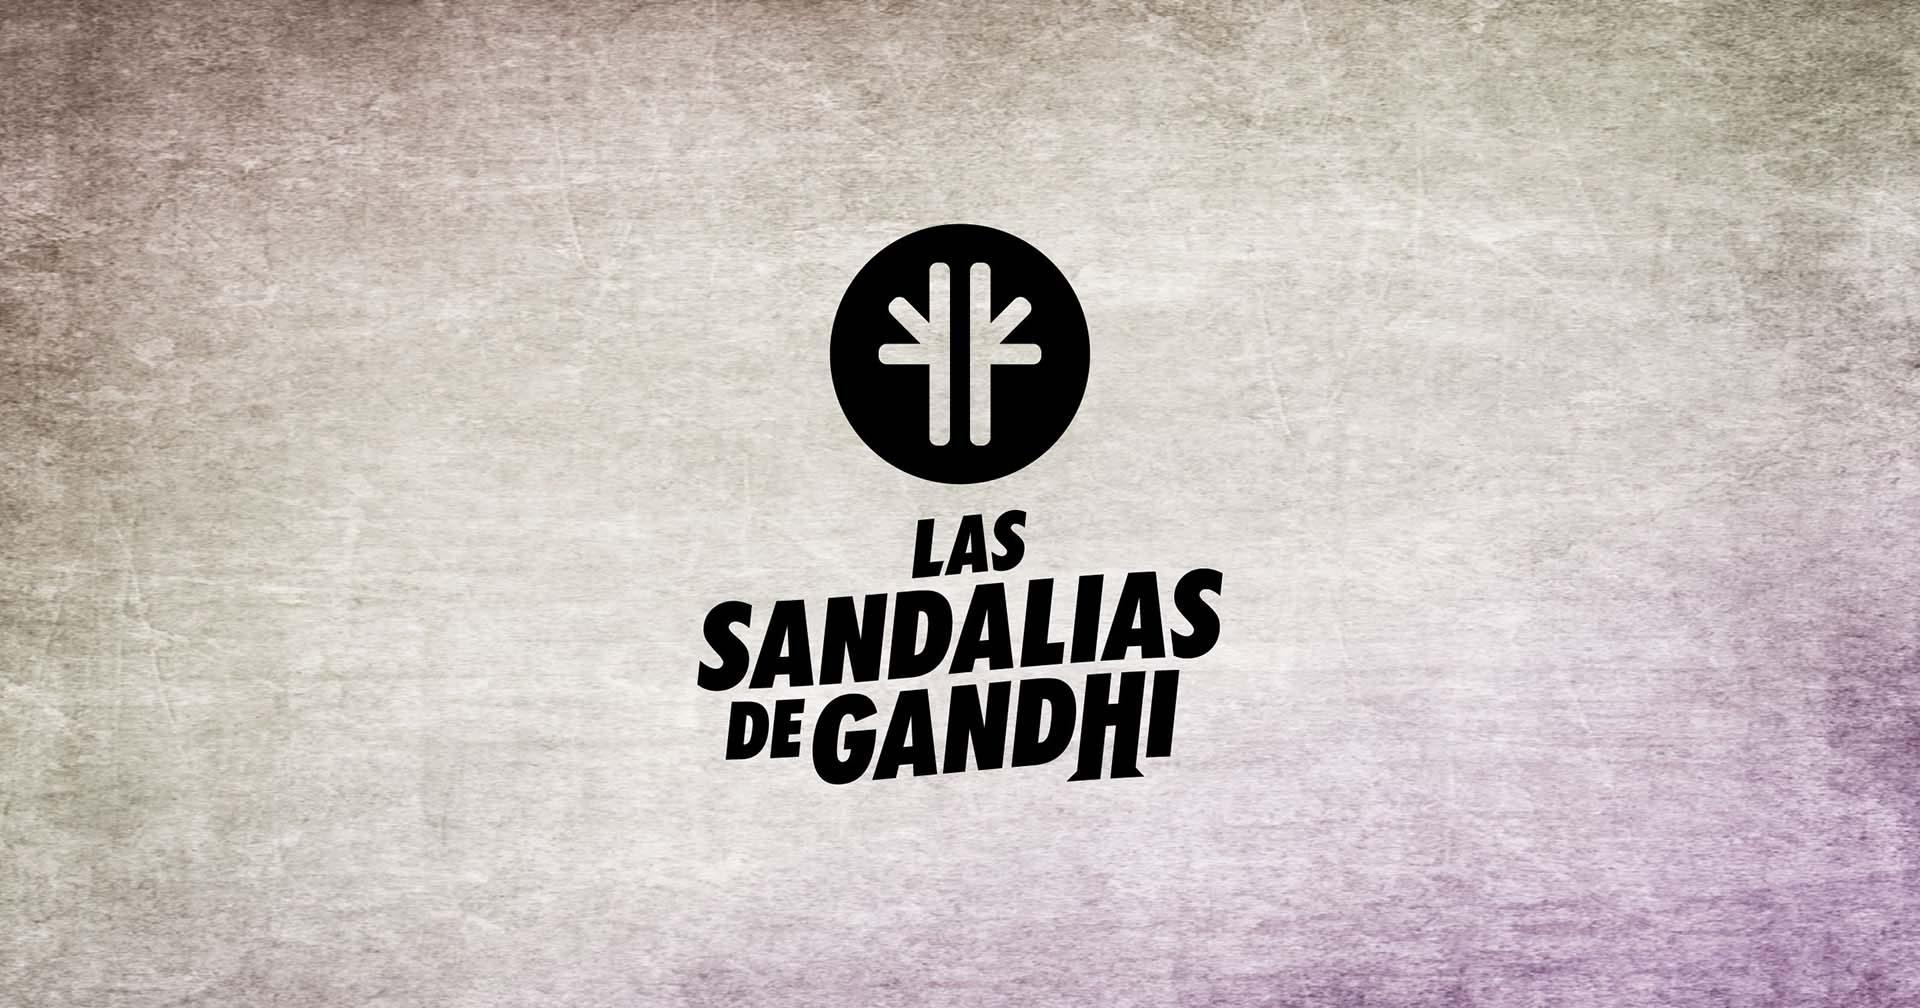 – Las Viernes Gandhi Banda Rock Sandalias De 8nwN0vmyOP